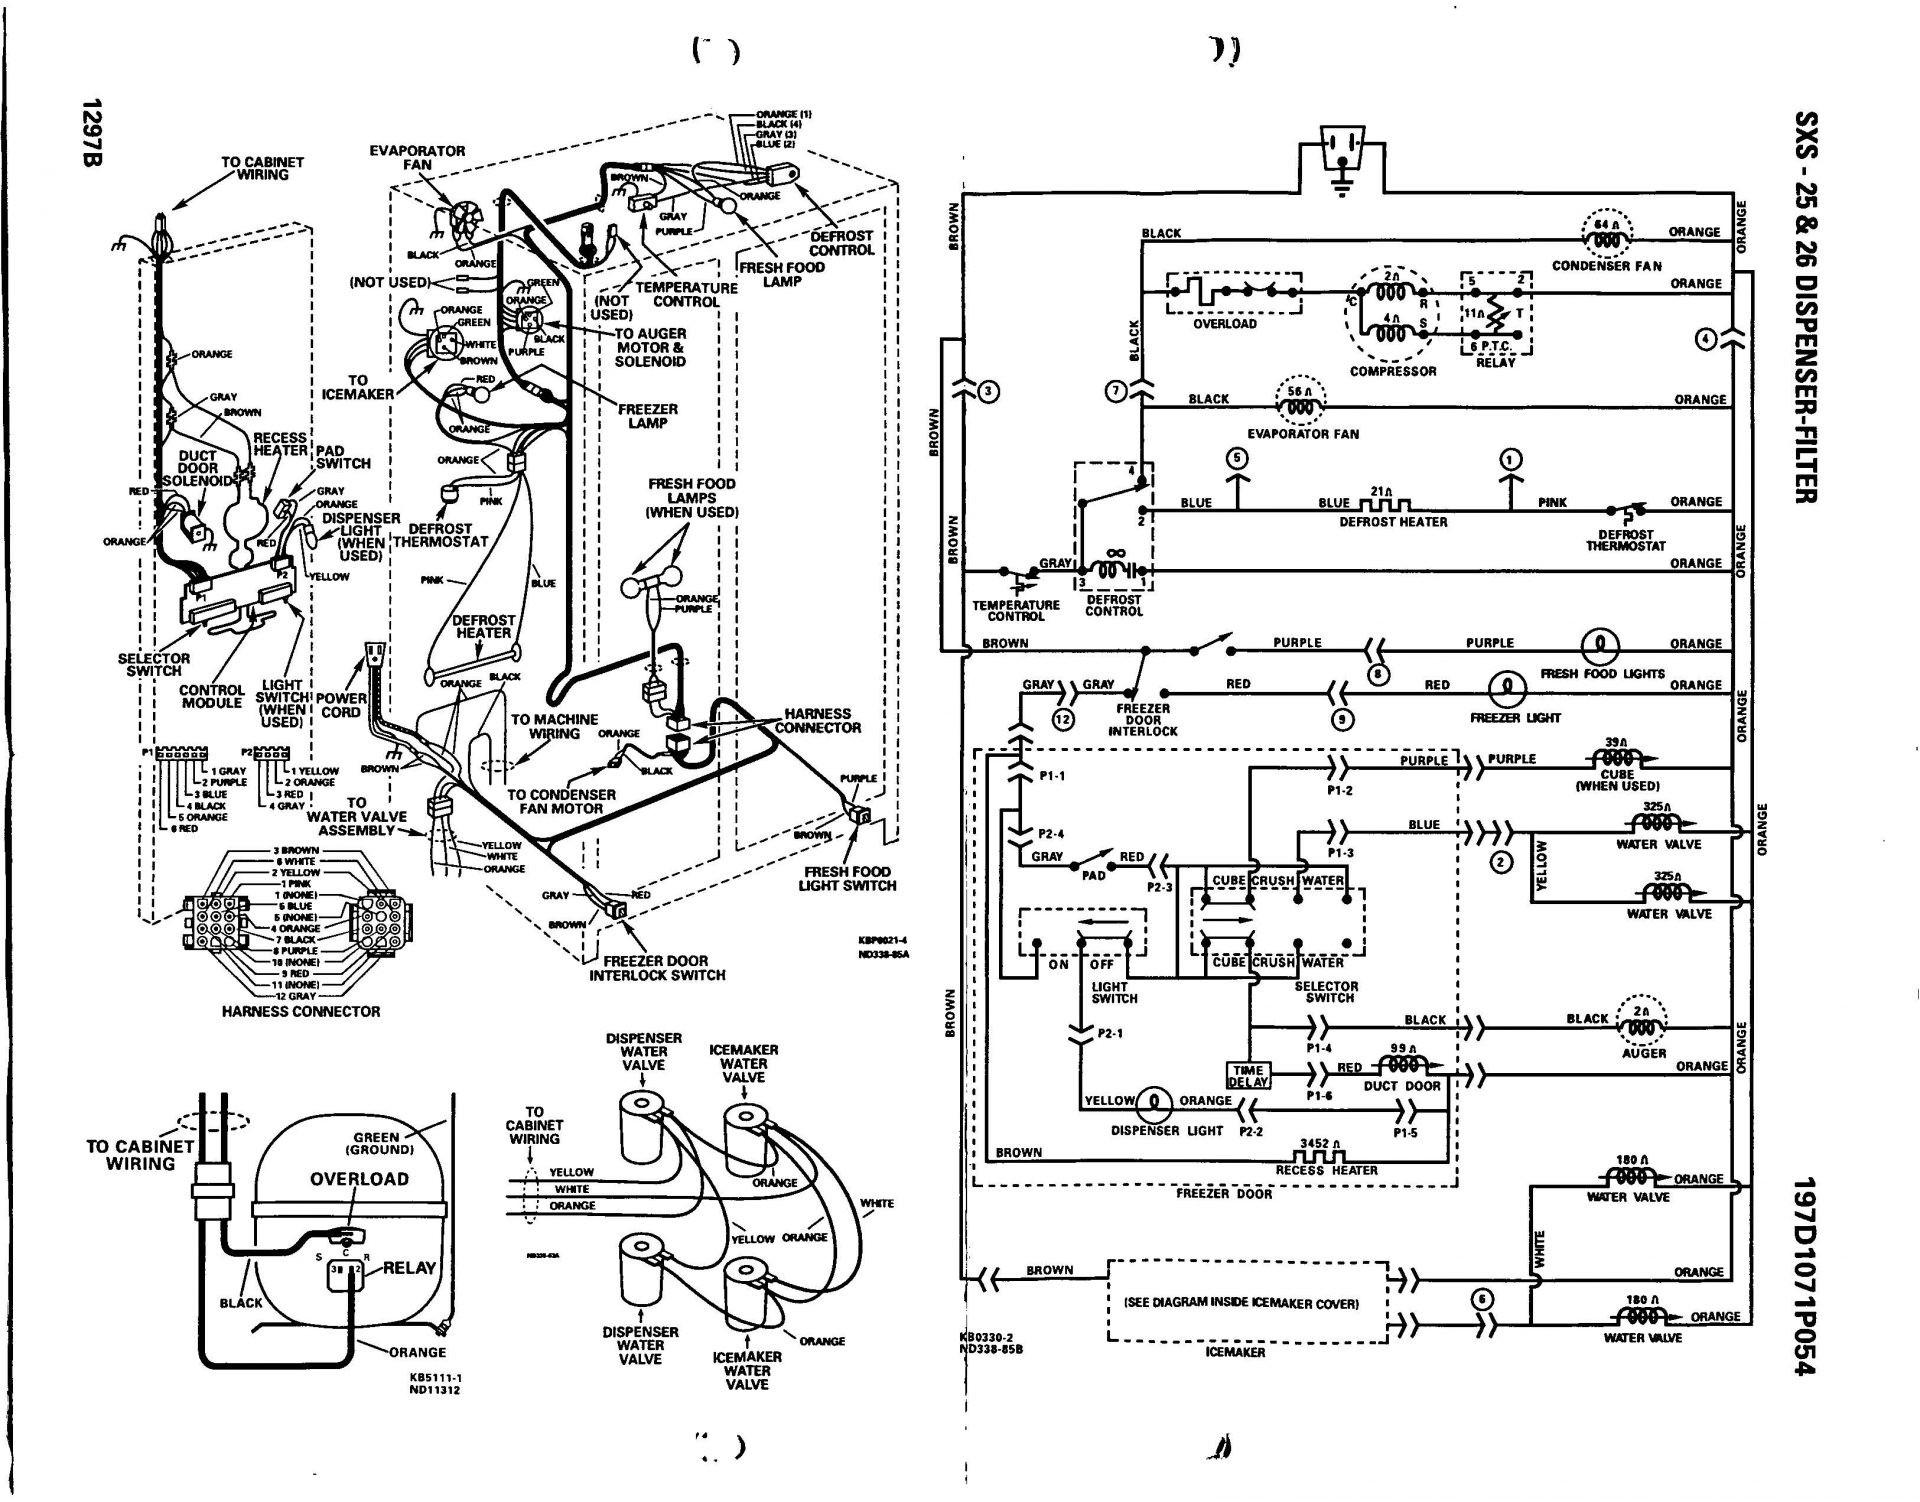 Marathon Motors Wiring Diagram 49cc Pocket Bike Wiring Diagram as ...